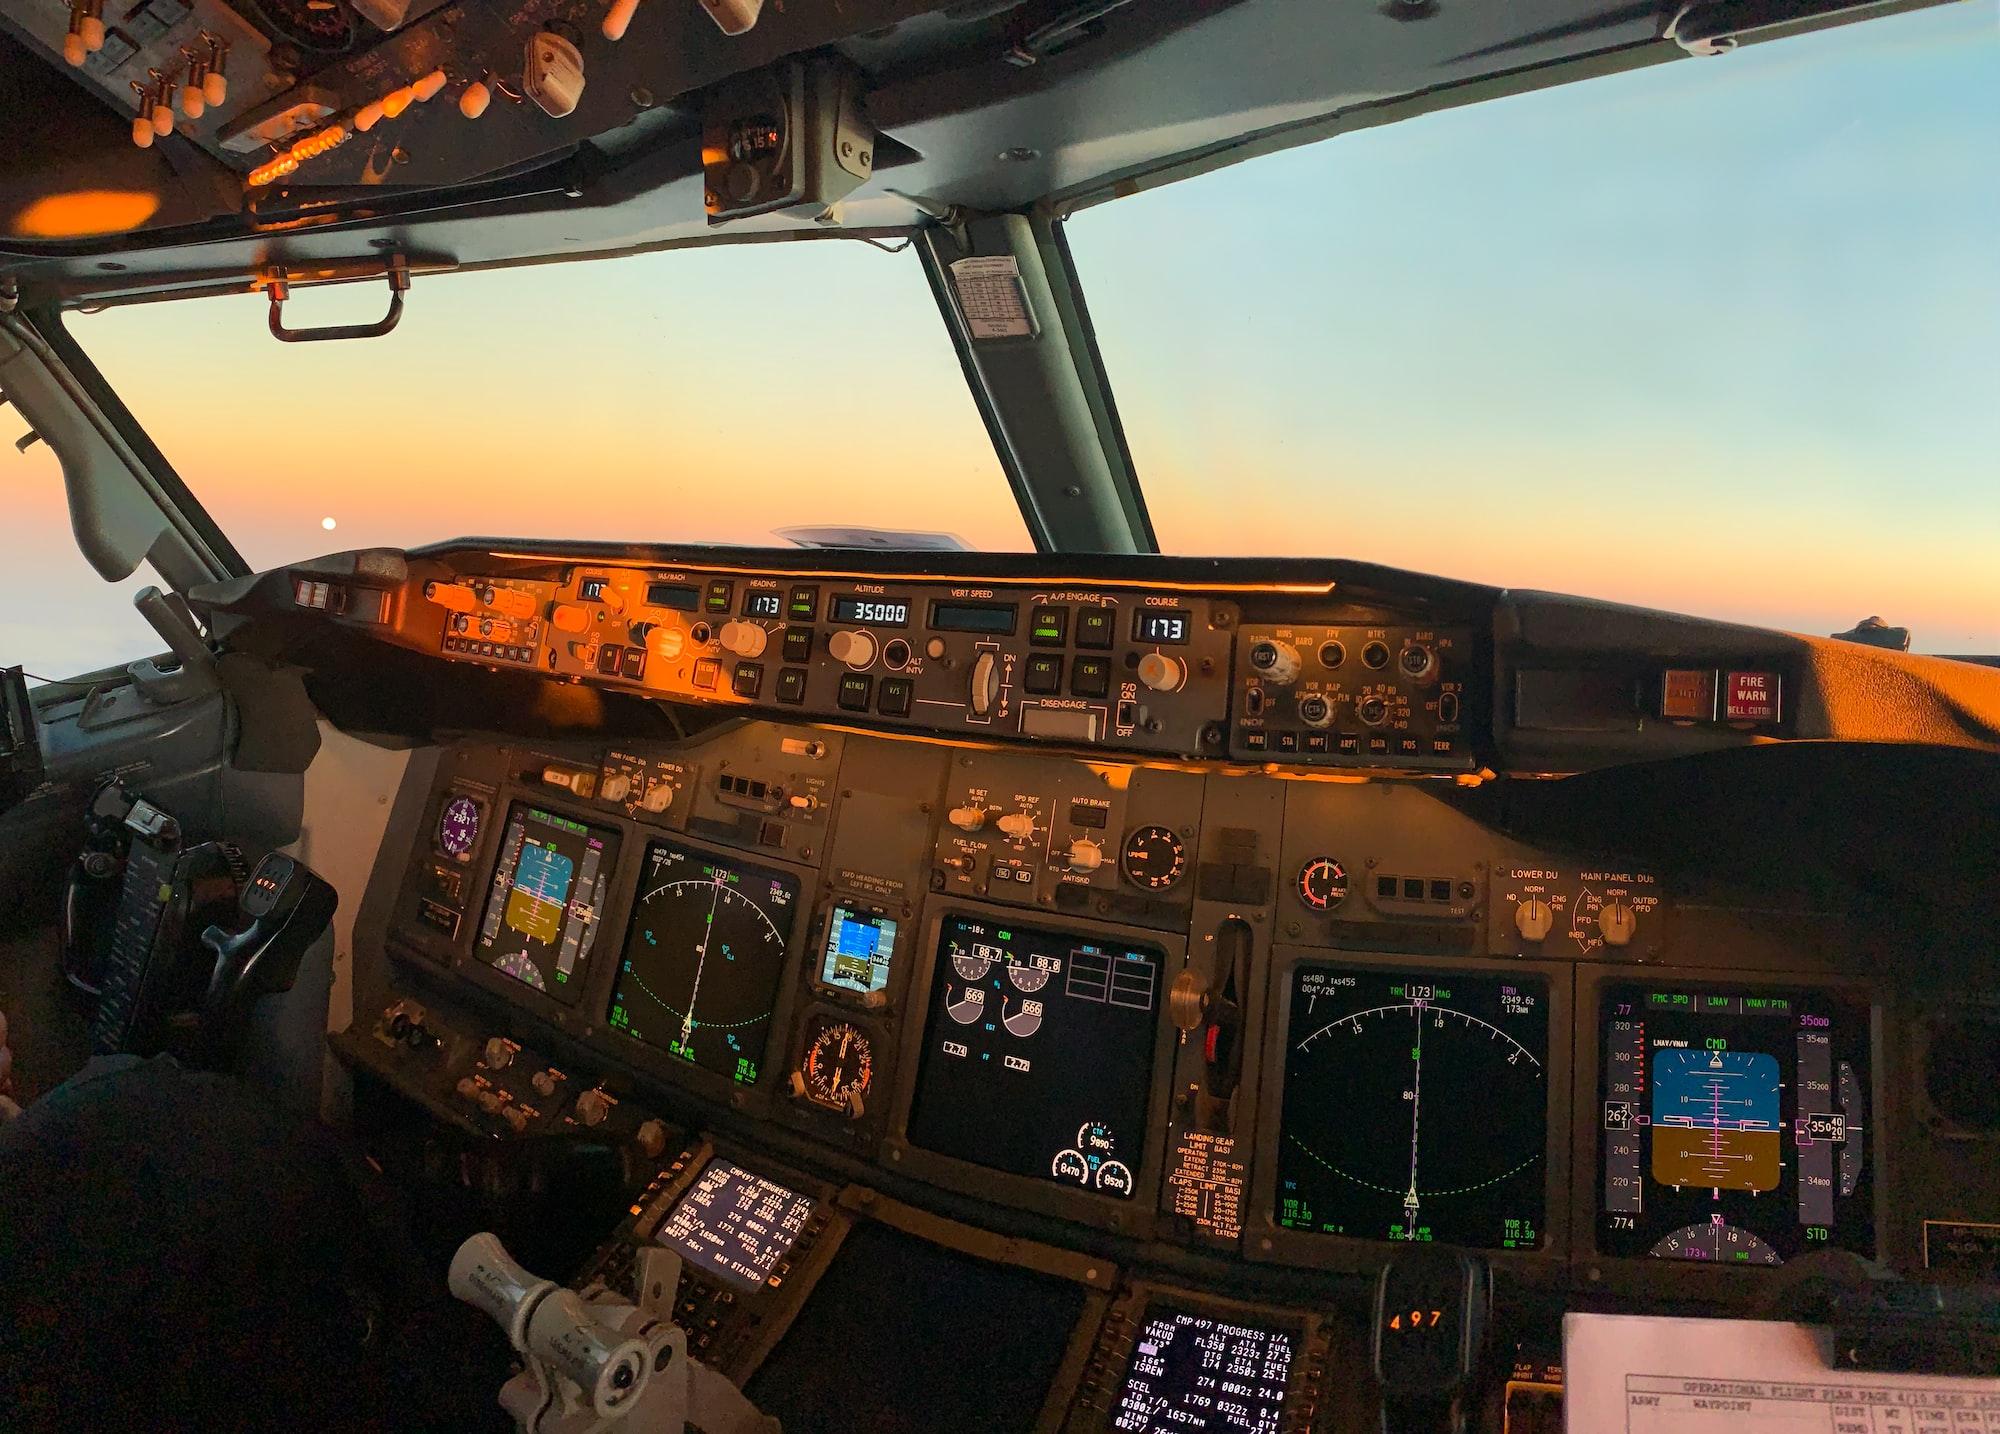 Commercial airliner cockpit